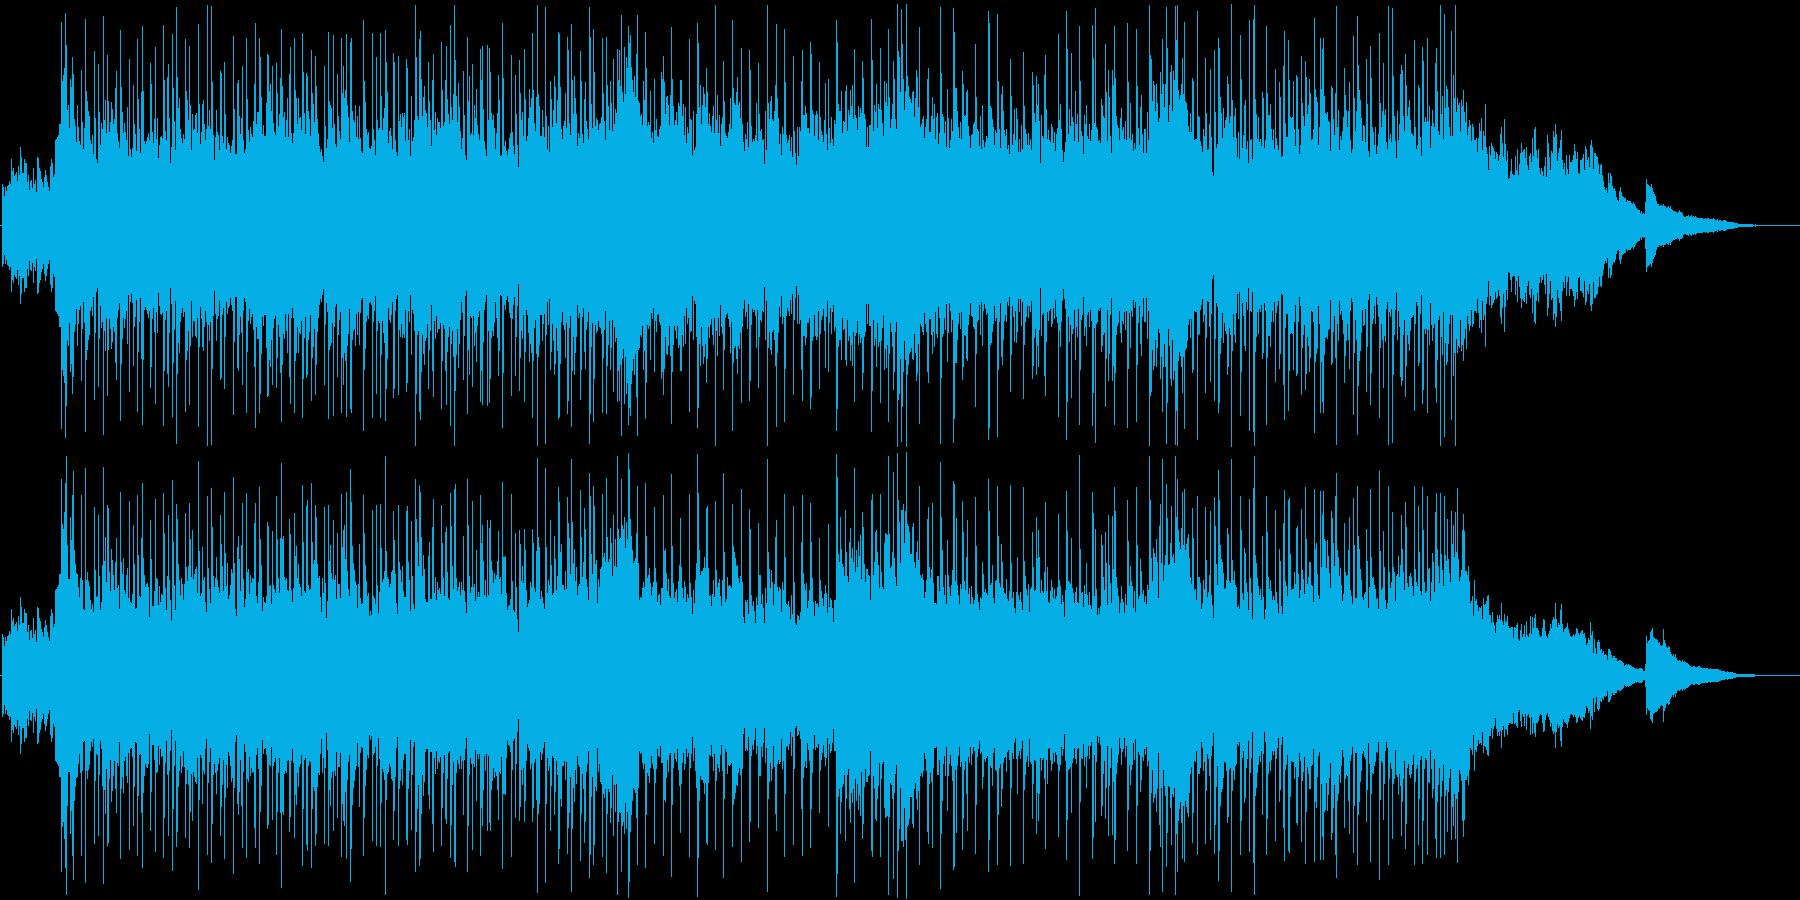 ギターとピアノをメインにした曲ですの再生済みの波形